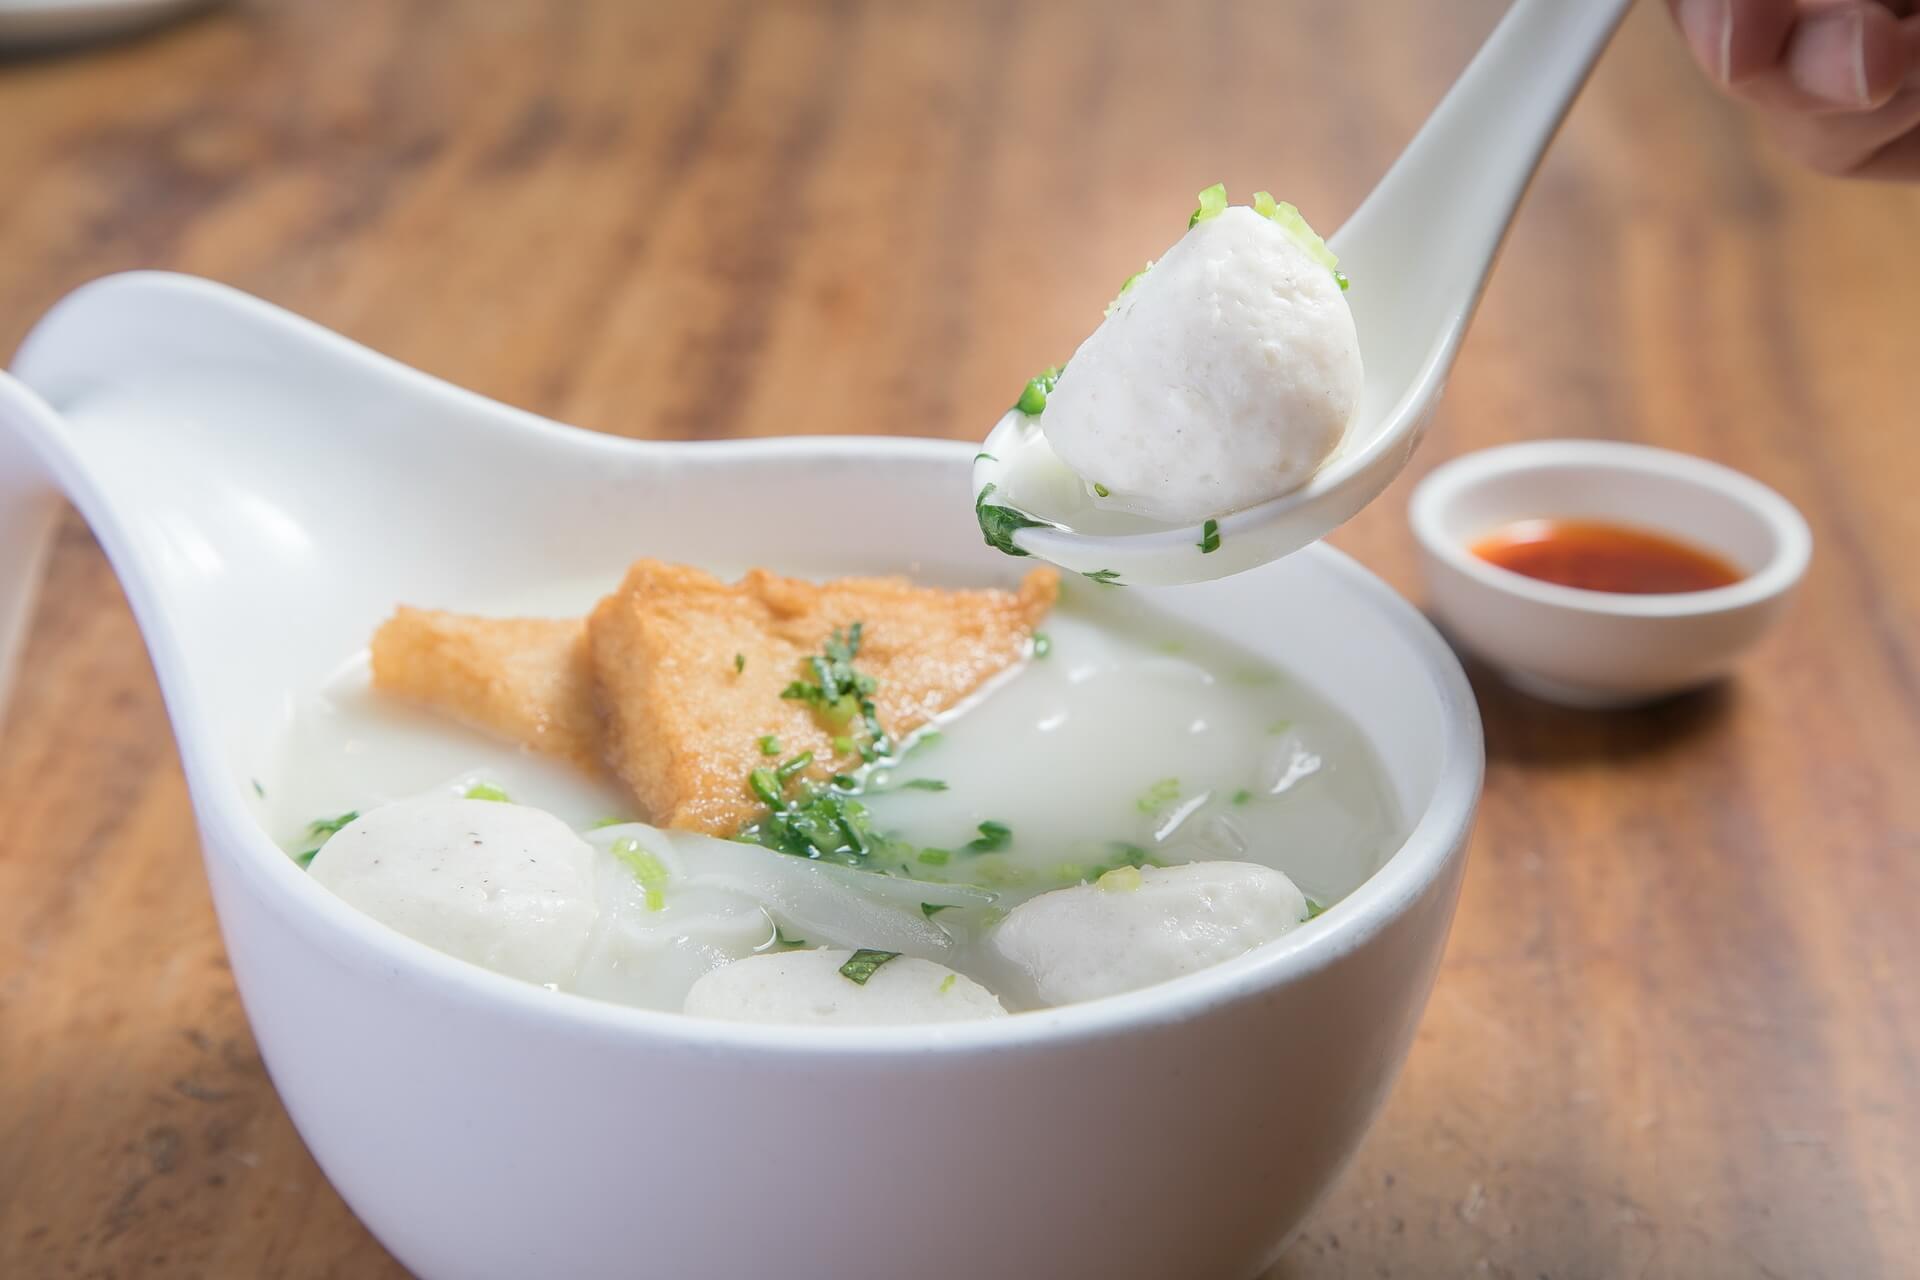 洪澤湖的野生花鰱,手工製作魚丸,央視《味道》傾心推薦的江淮名小吃,周媽帶你花式吃魚